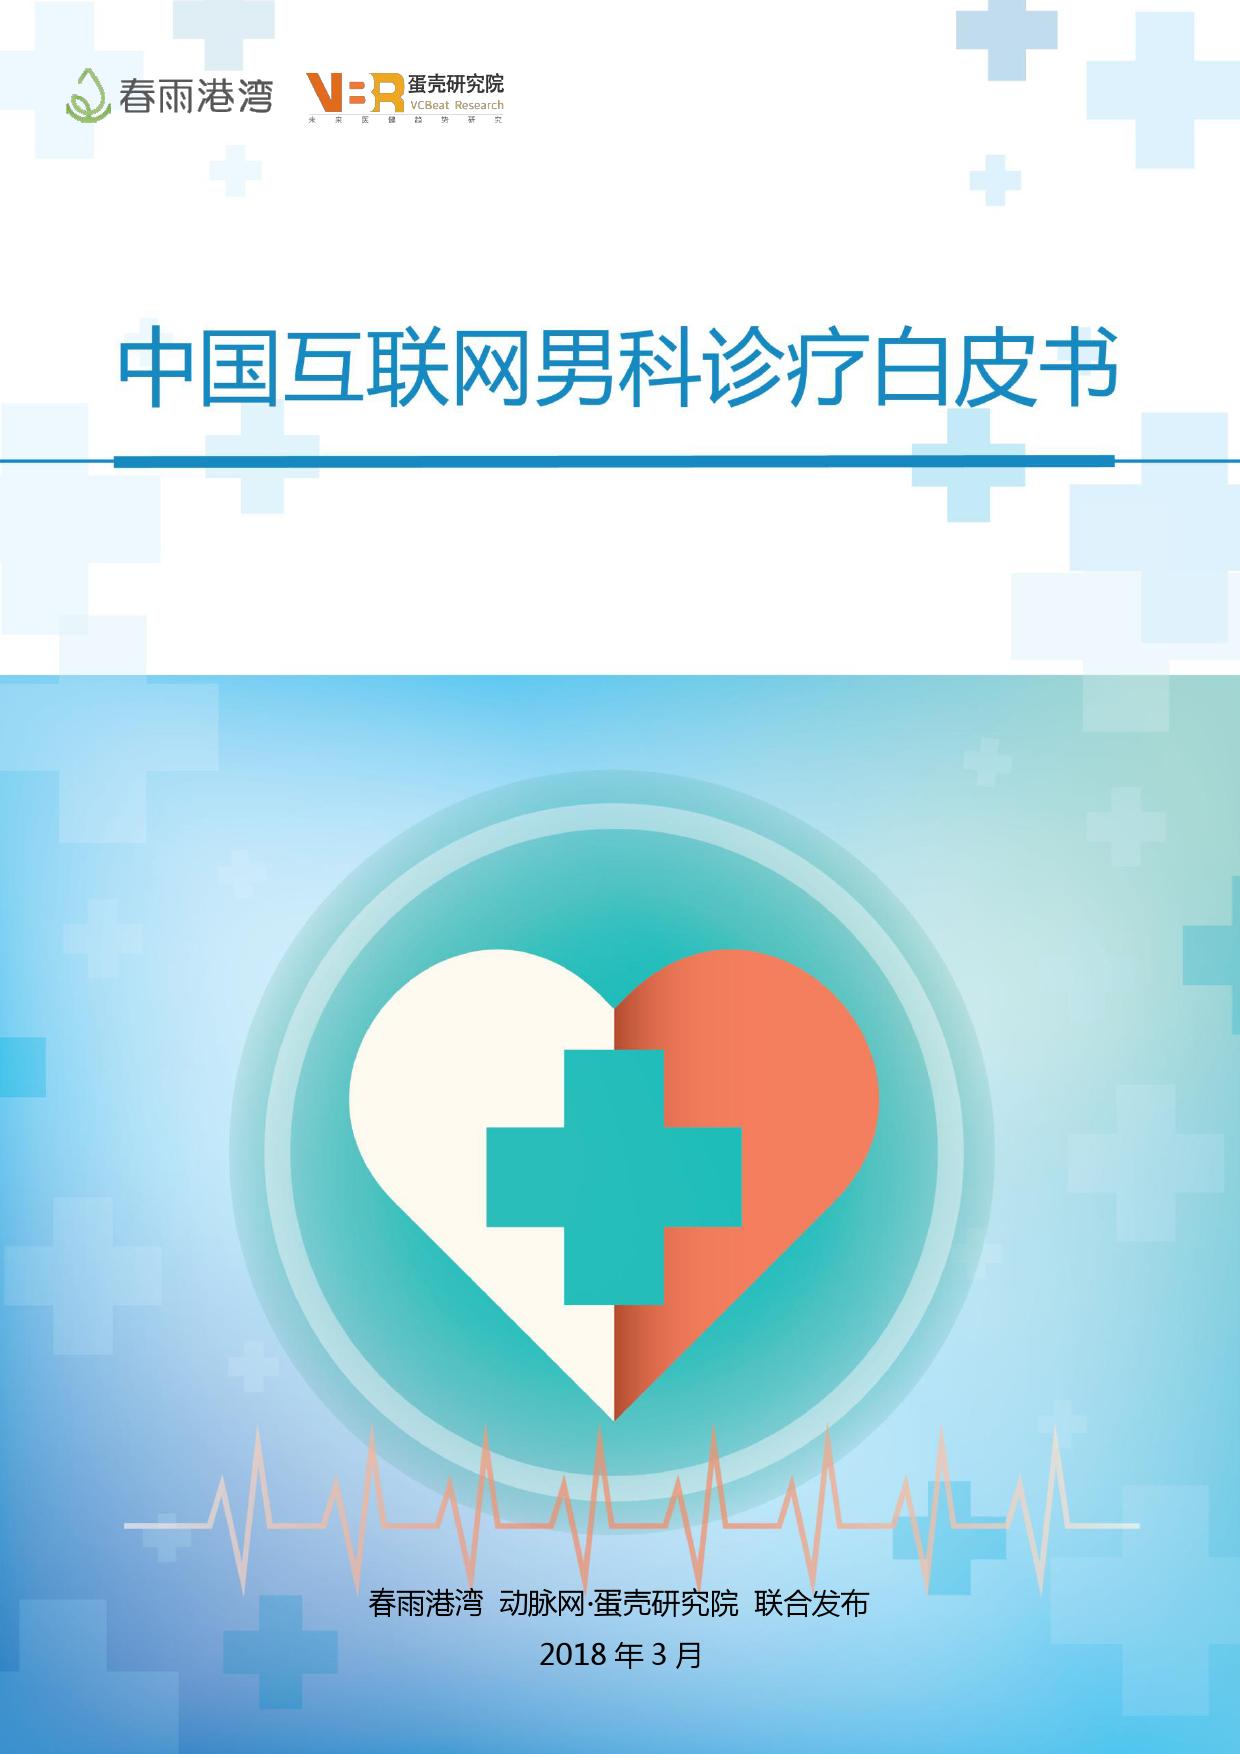 春雨港湾&蛋壳研究院:中国互联网男科诊疗白皮书(附下载)